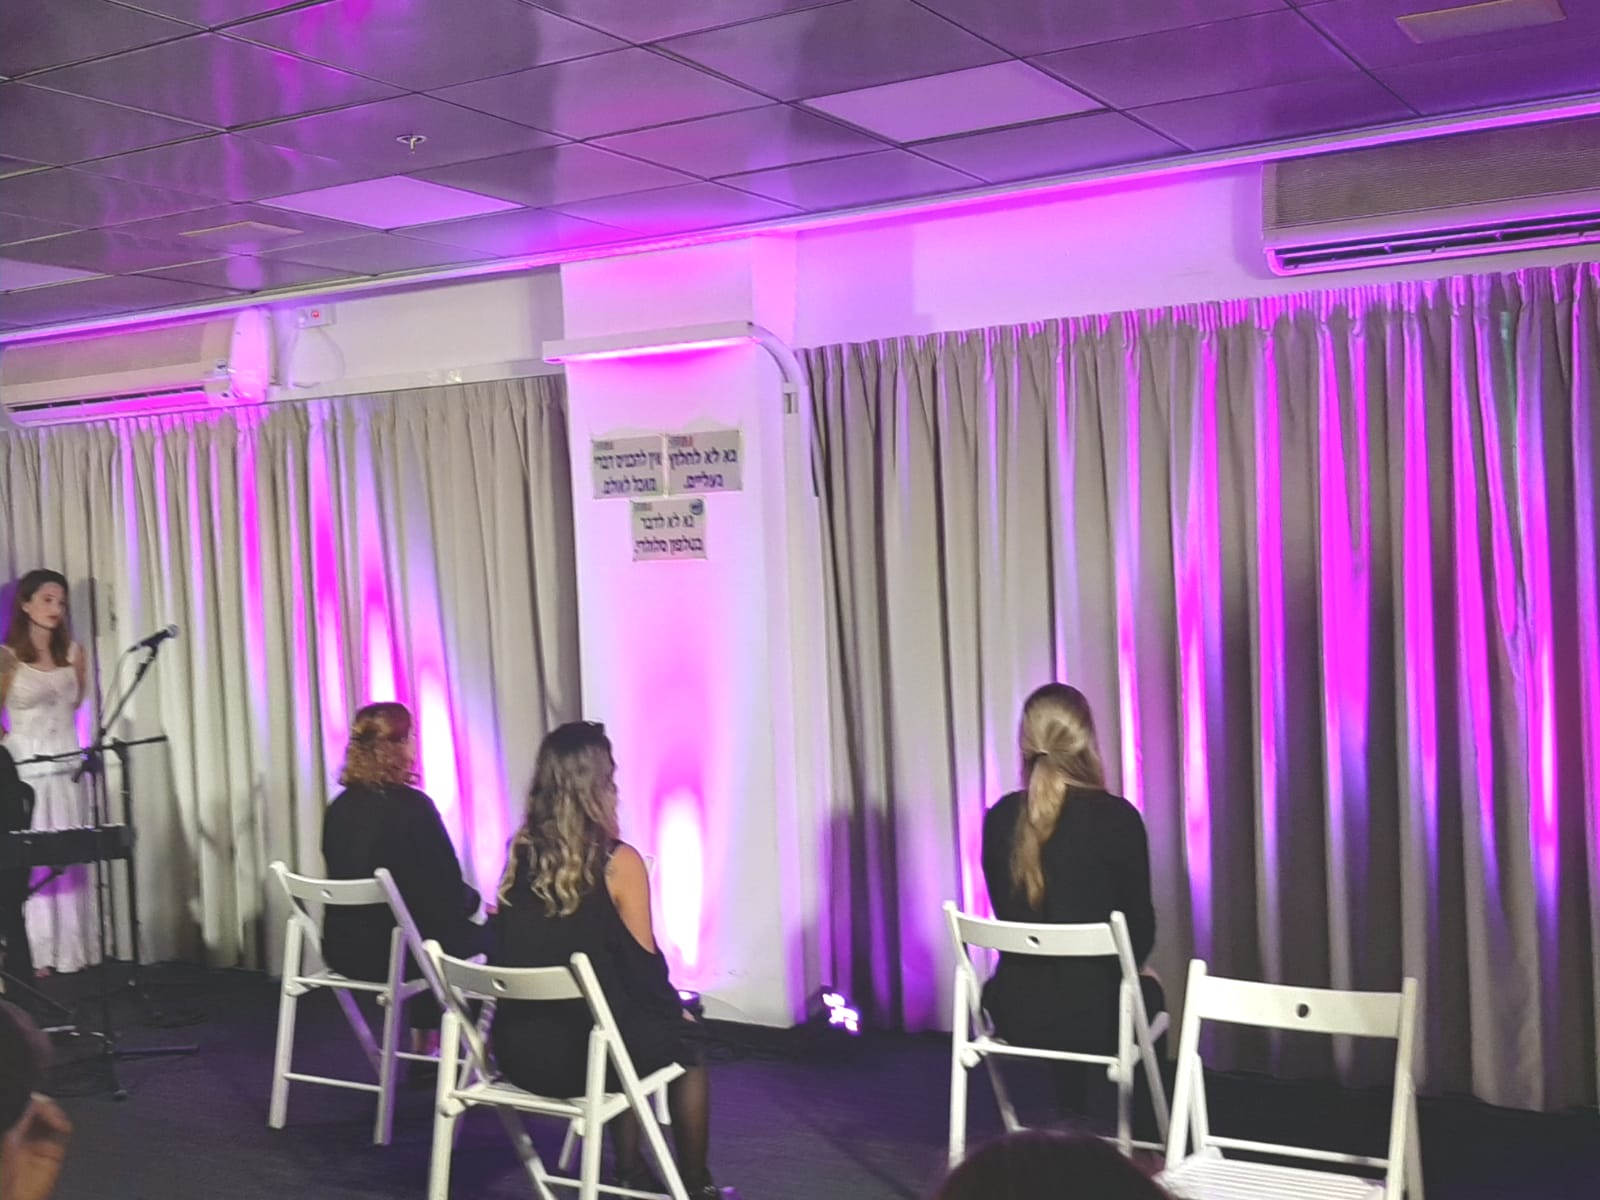 עיריית הרצליה, מינהל נשים, במגוון אירועים ליום המאבק באלימות נגד נשים